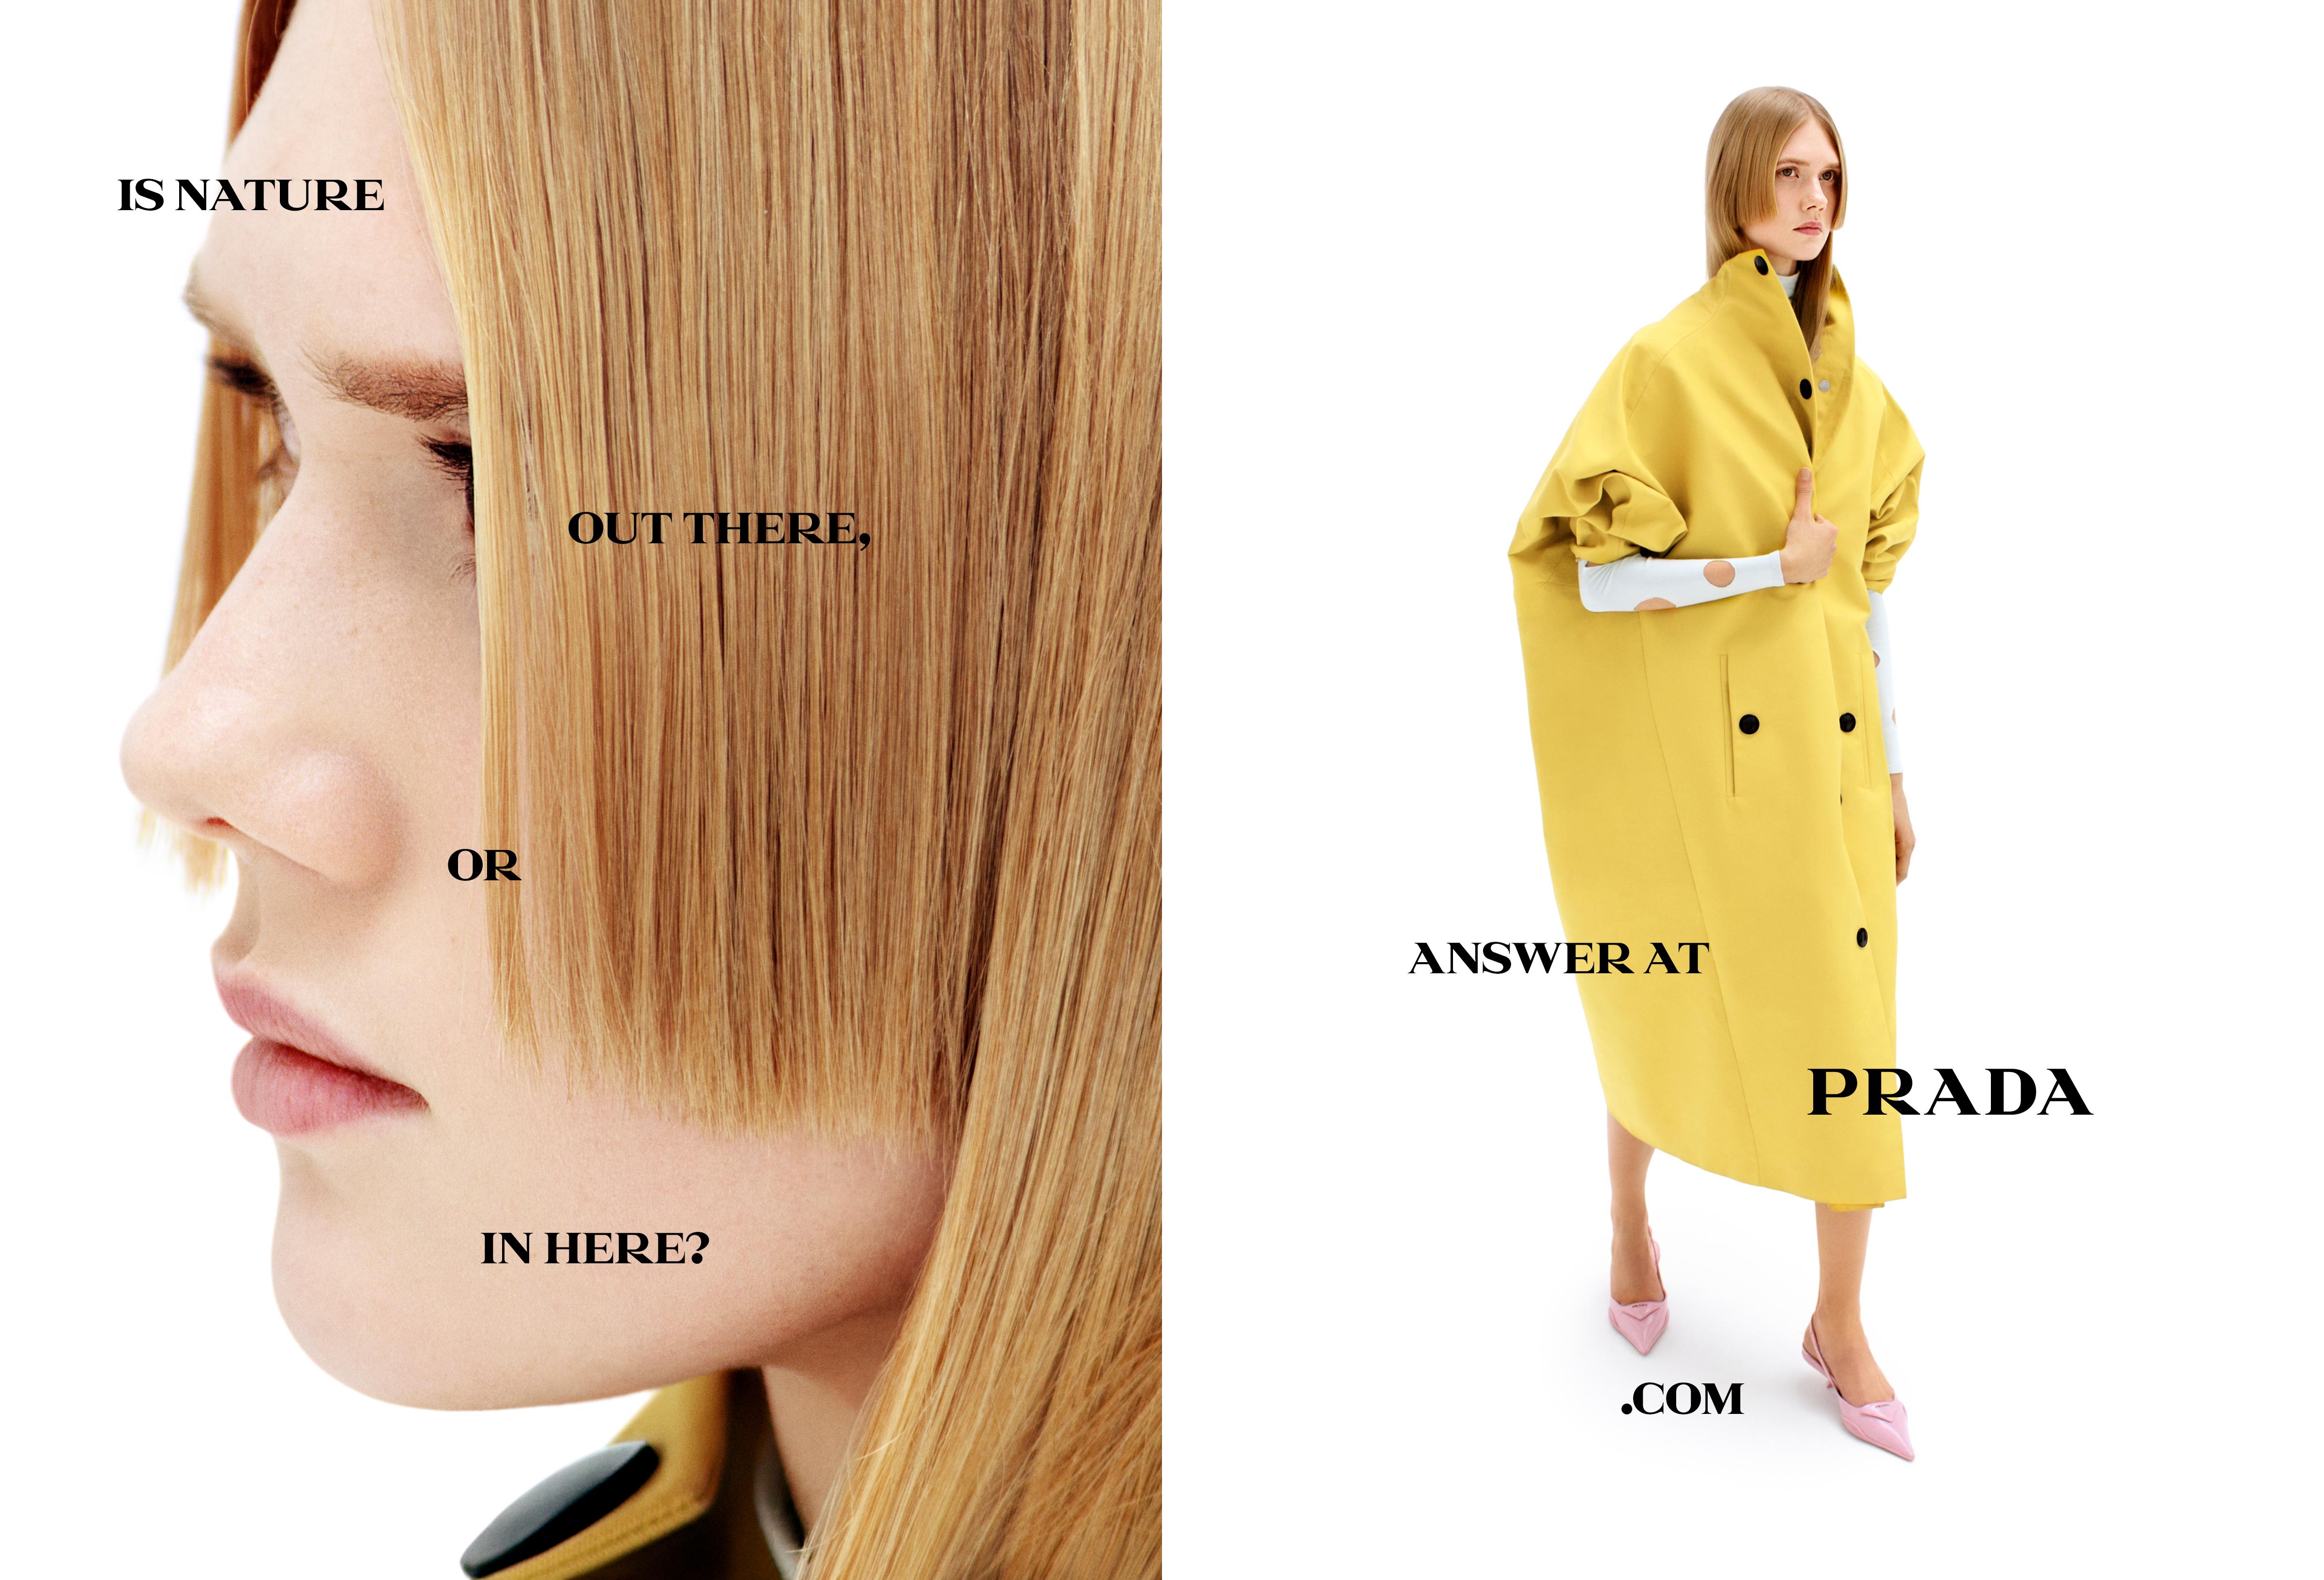 SS21 Prada Campaign